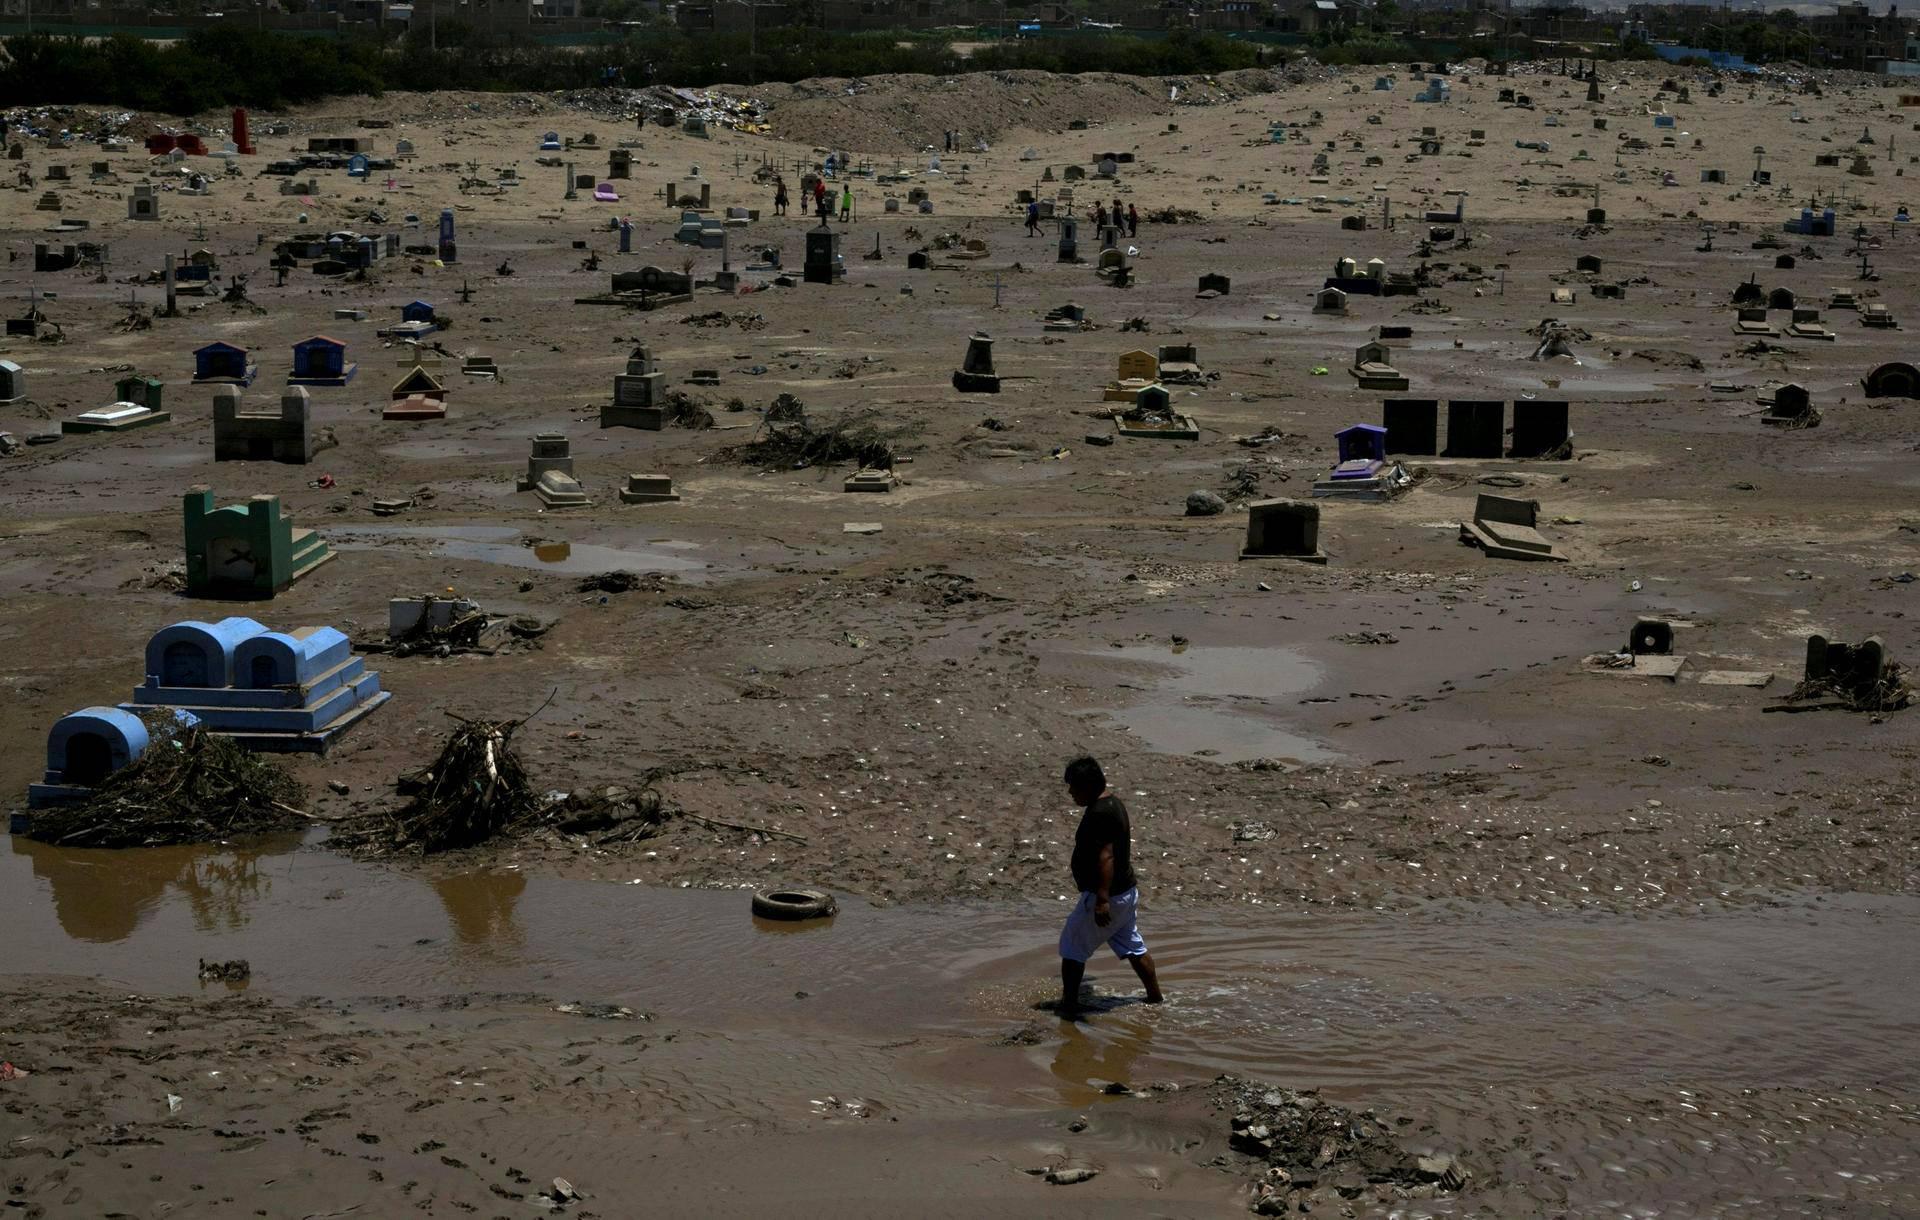 Pohjoisperulaisen Trujillon kaupungin hautausmaa oli torstaina mudan peitossa aluetta kiusanneen rankkasateen ja tulvan jäljiltä.